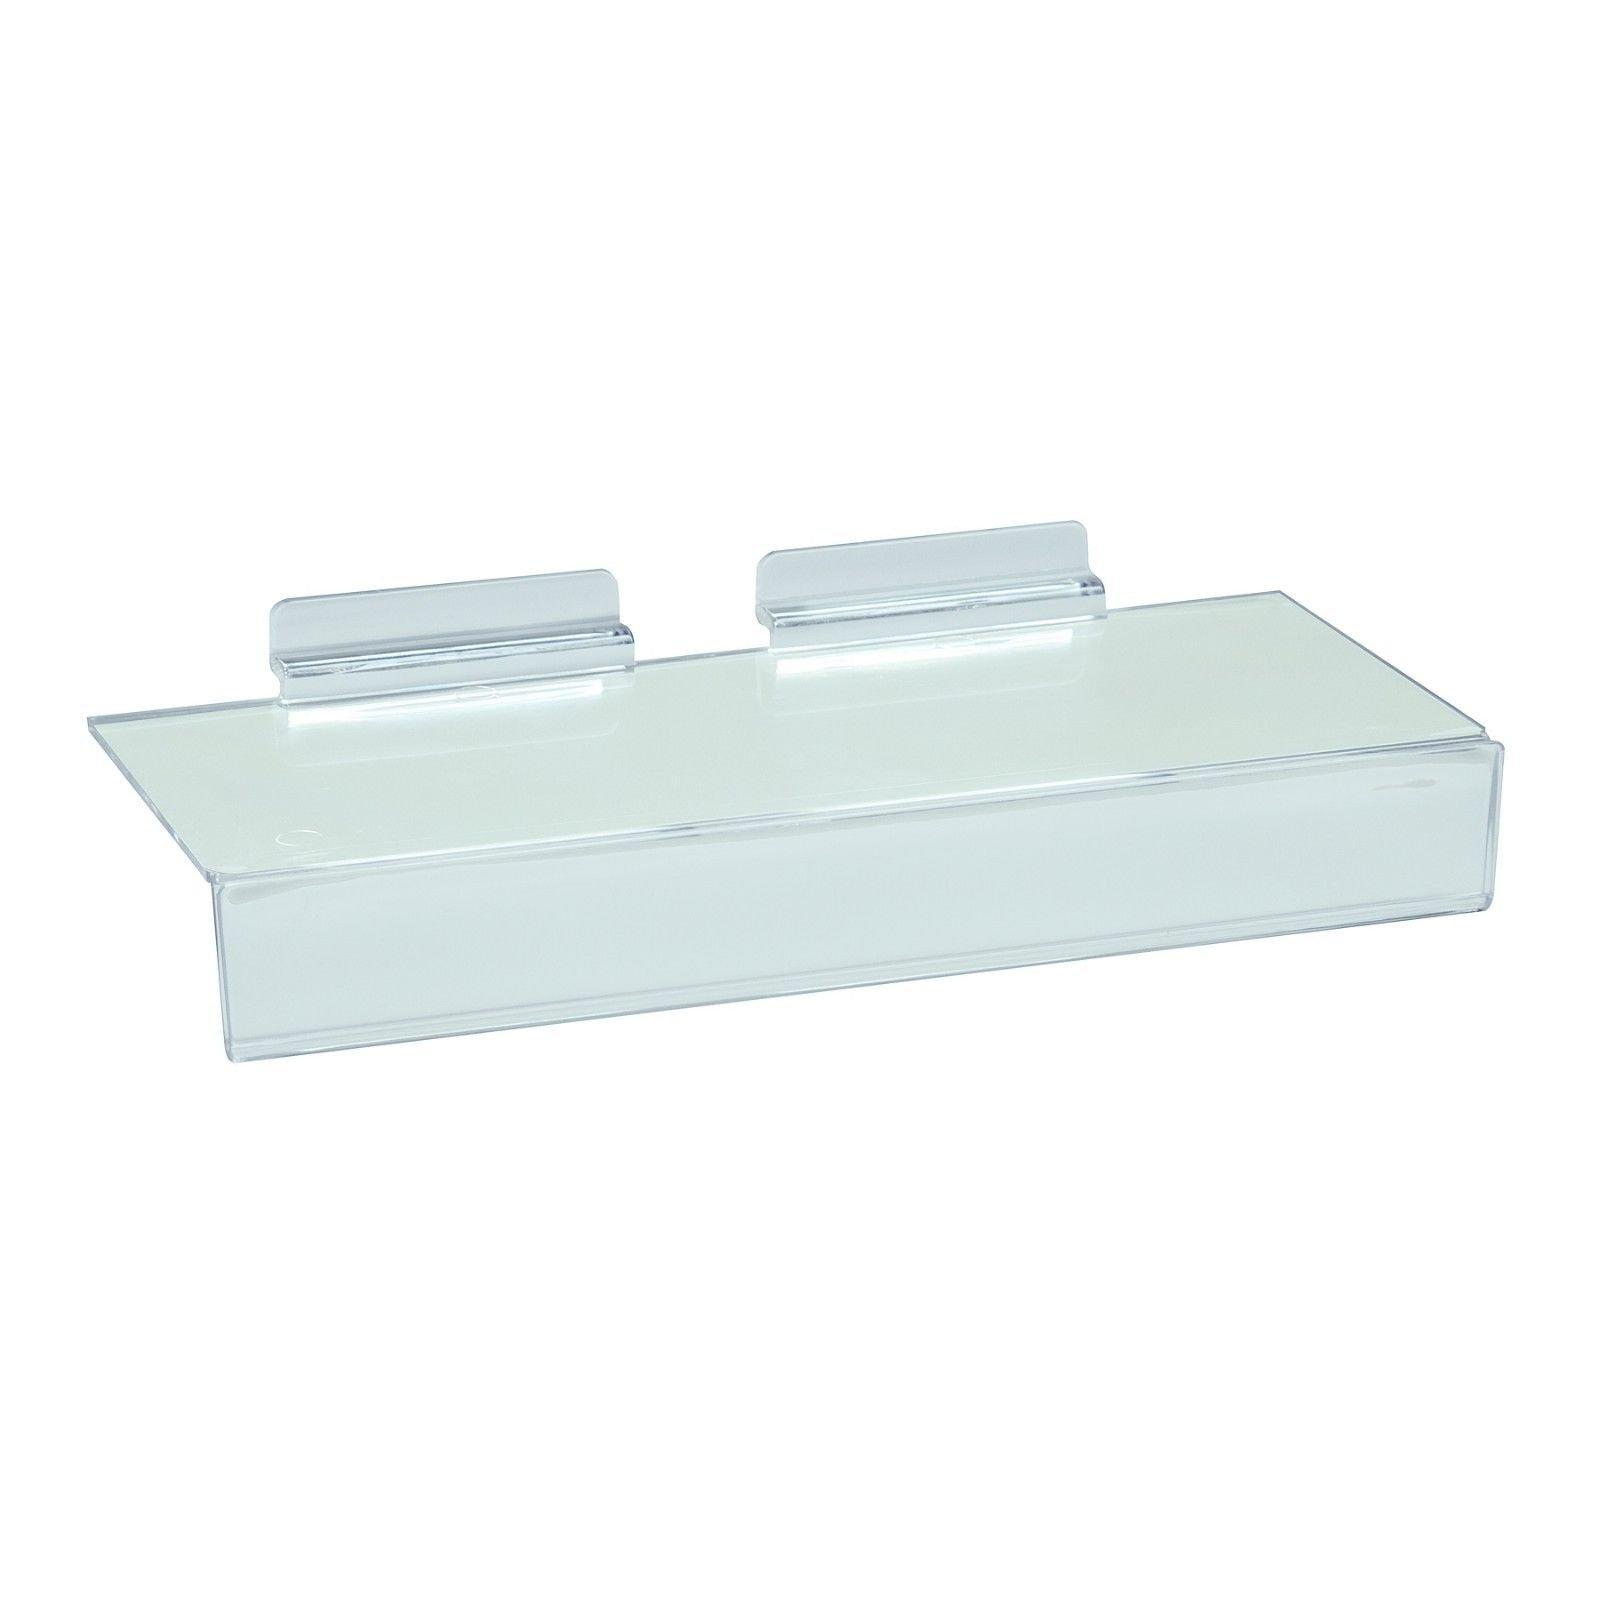 Slatwall Flat Clear Acrylic Shoe Shelf w/ 1.25'' H x 10'' L Sign Holding Slot, 4'' D x 10'' L, 20 Pack